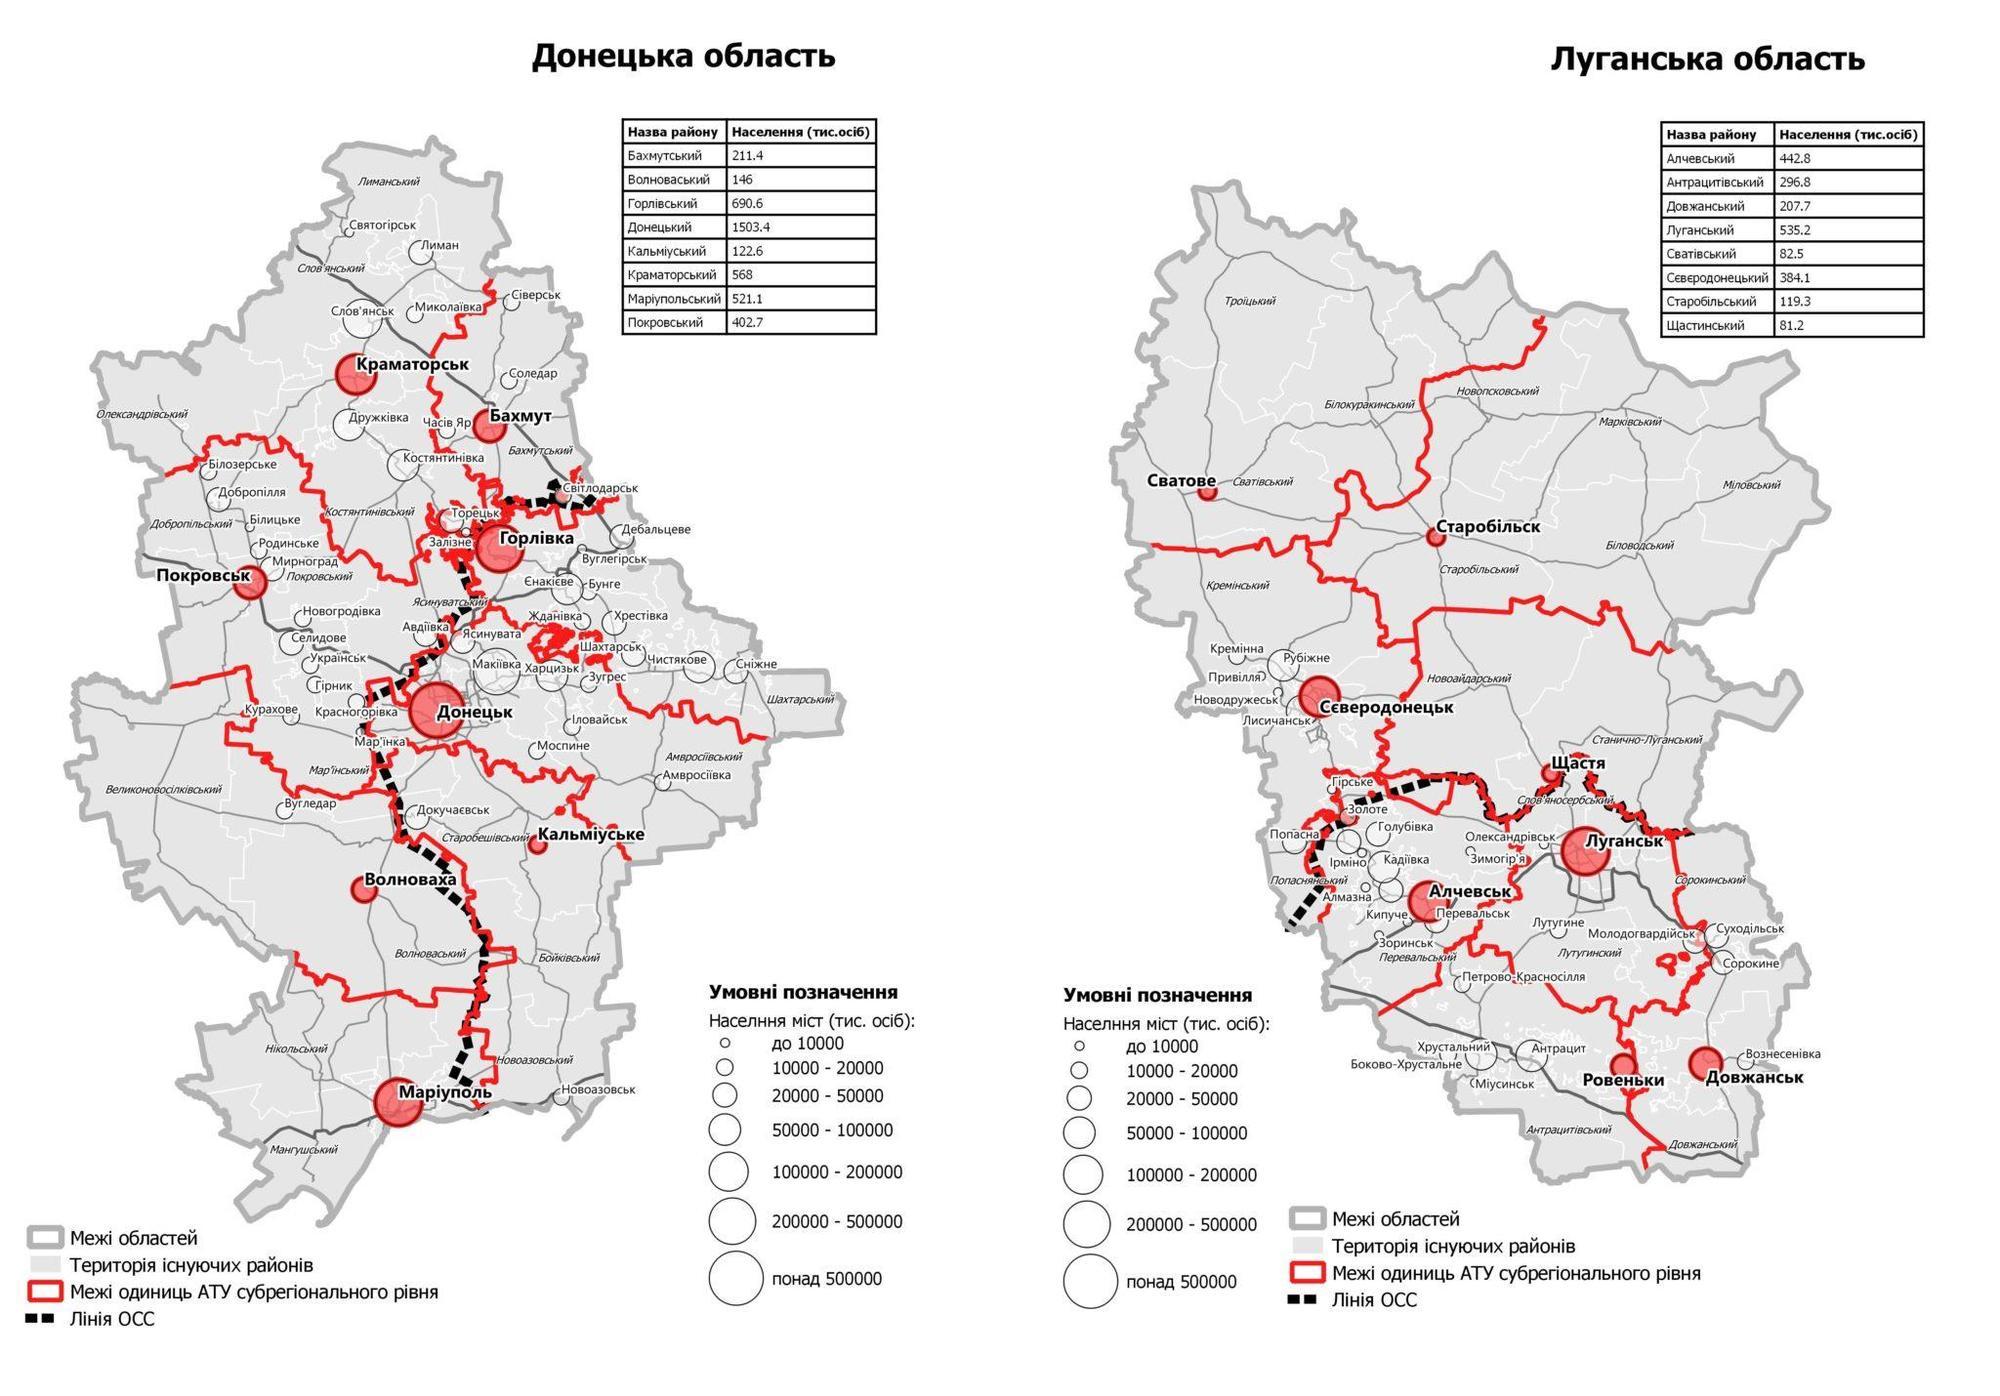 Уряд затвердив новий план адмінподілу України